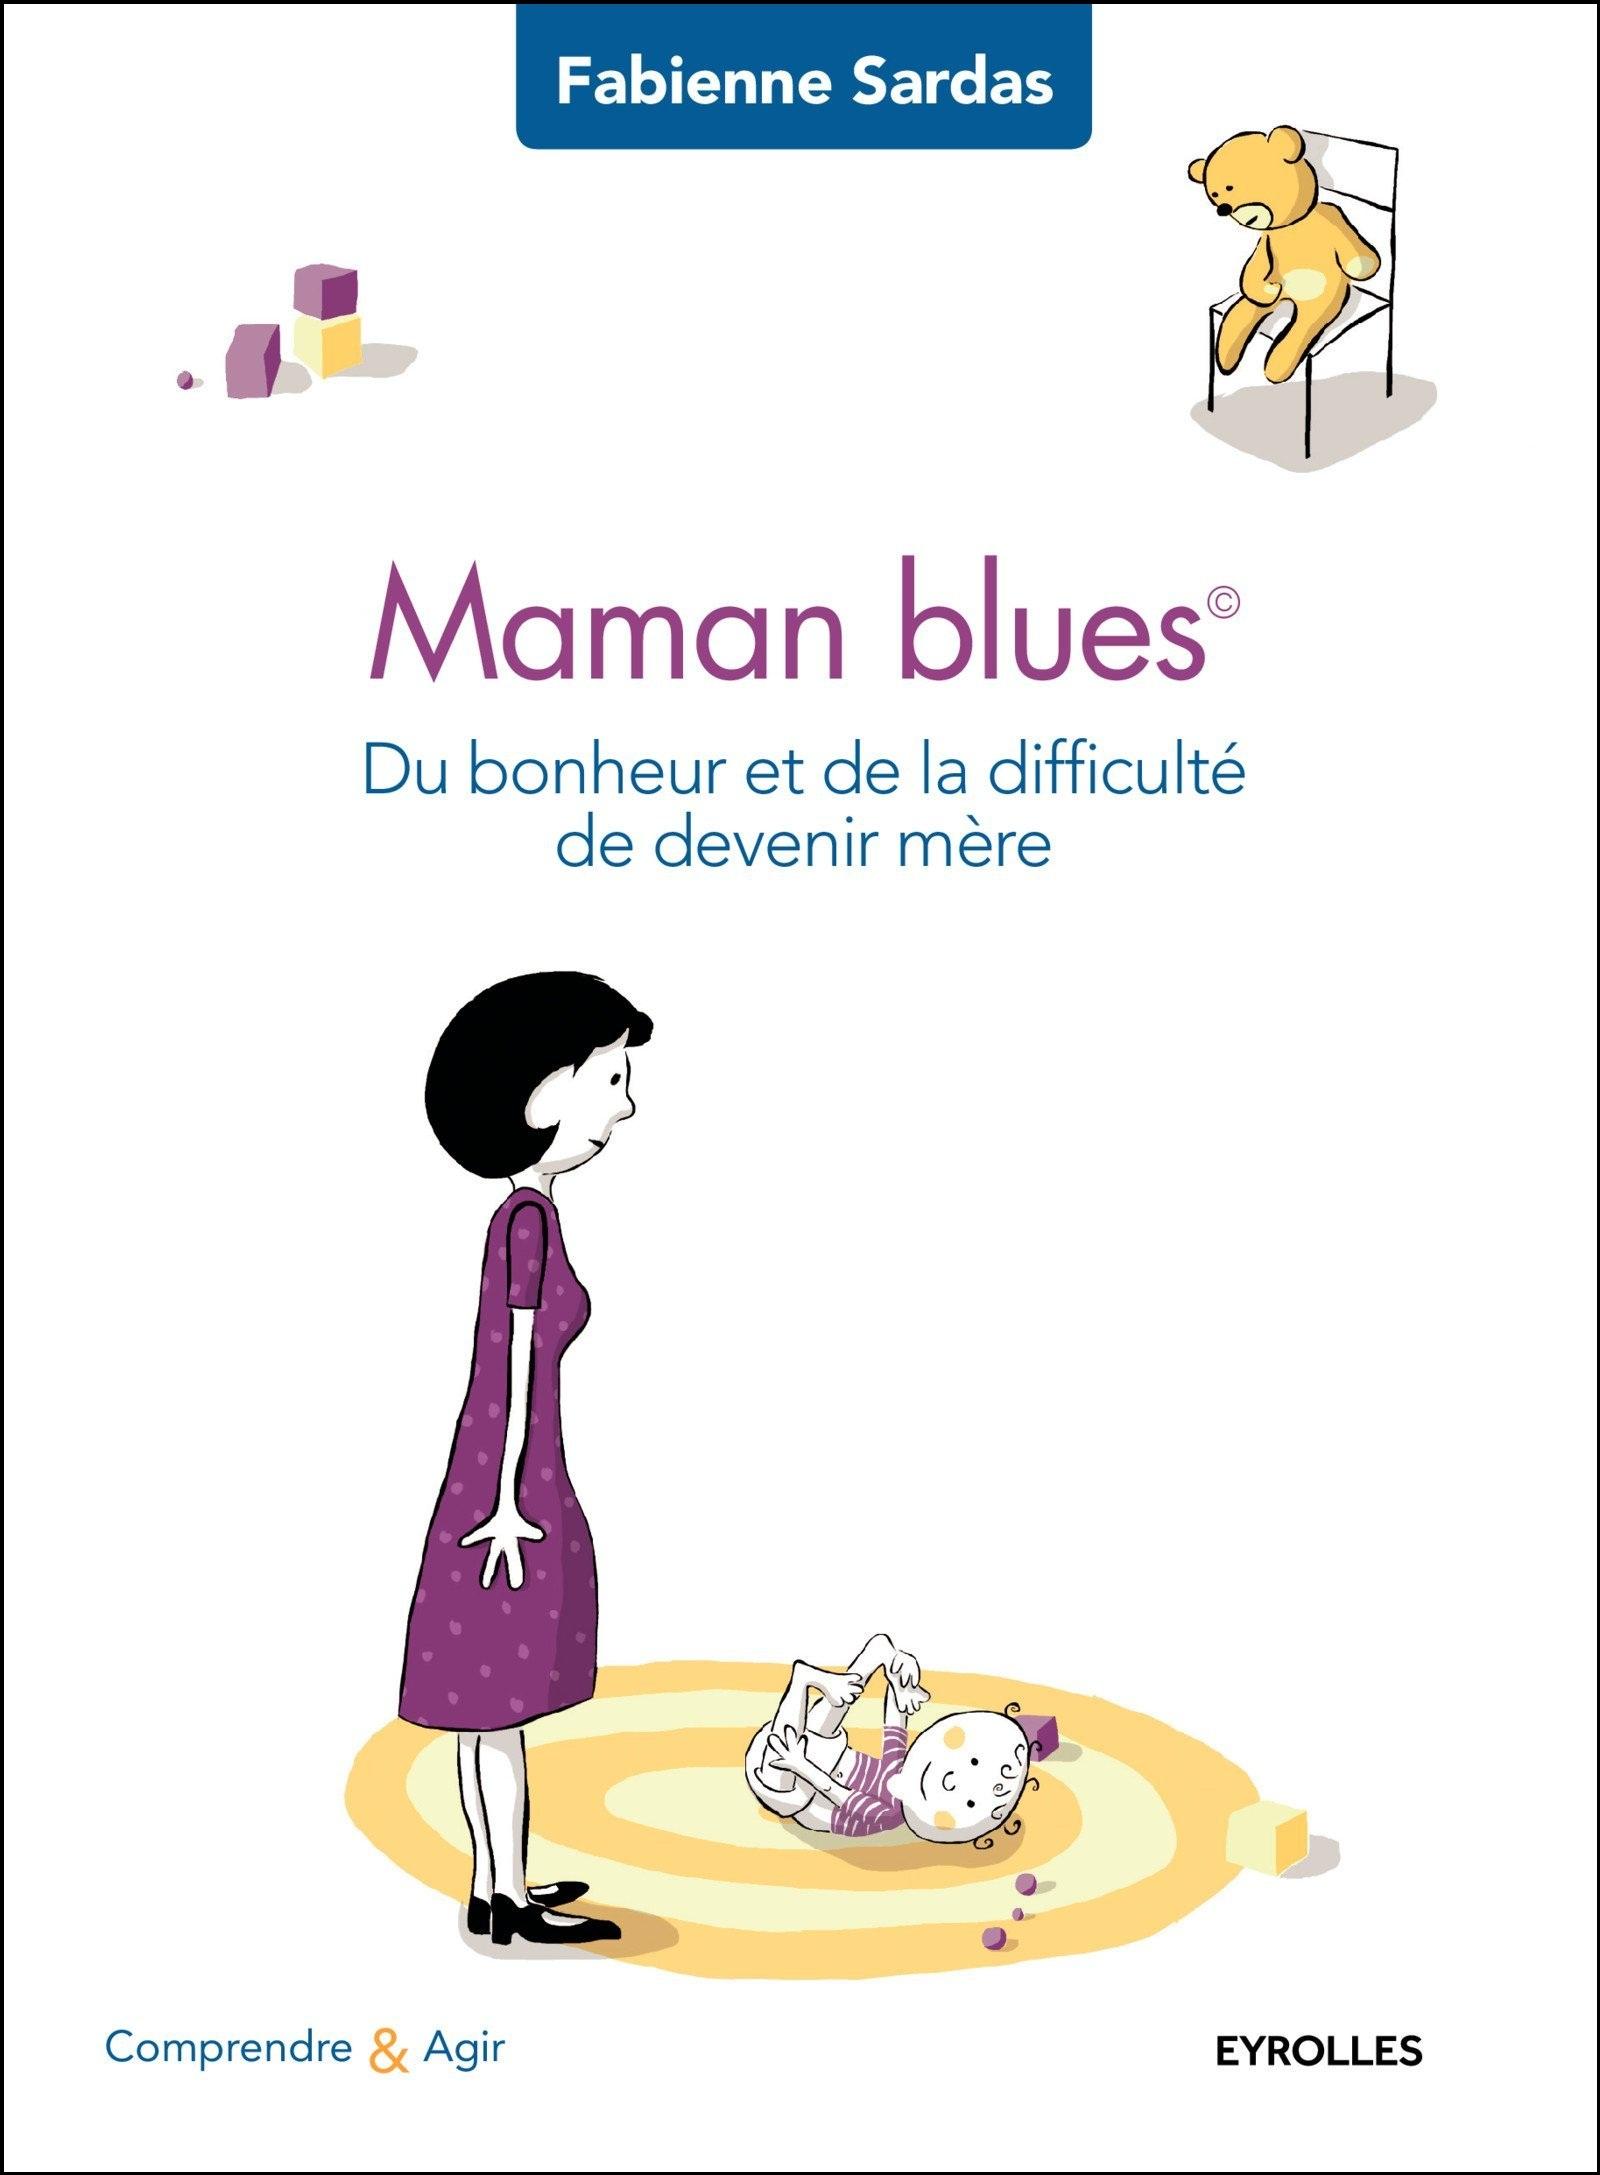 Maman blues : Du bonheur et de la difficulté de devenir mère